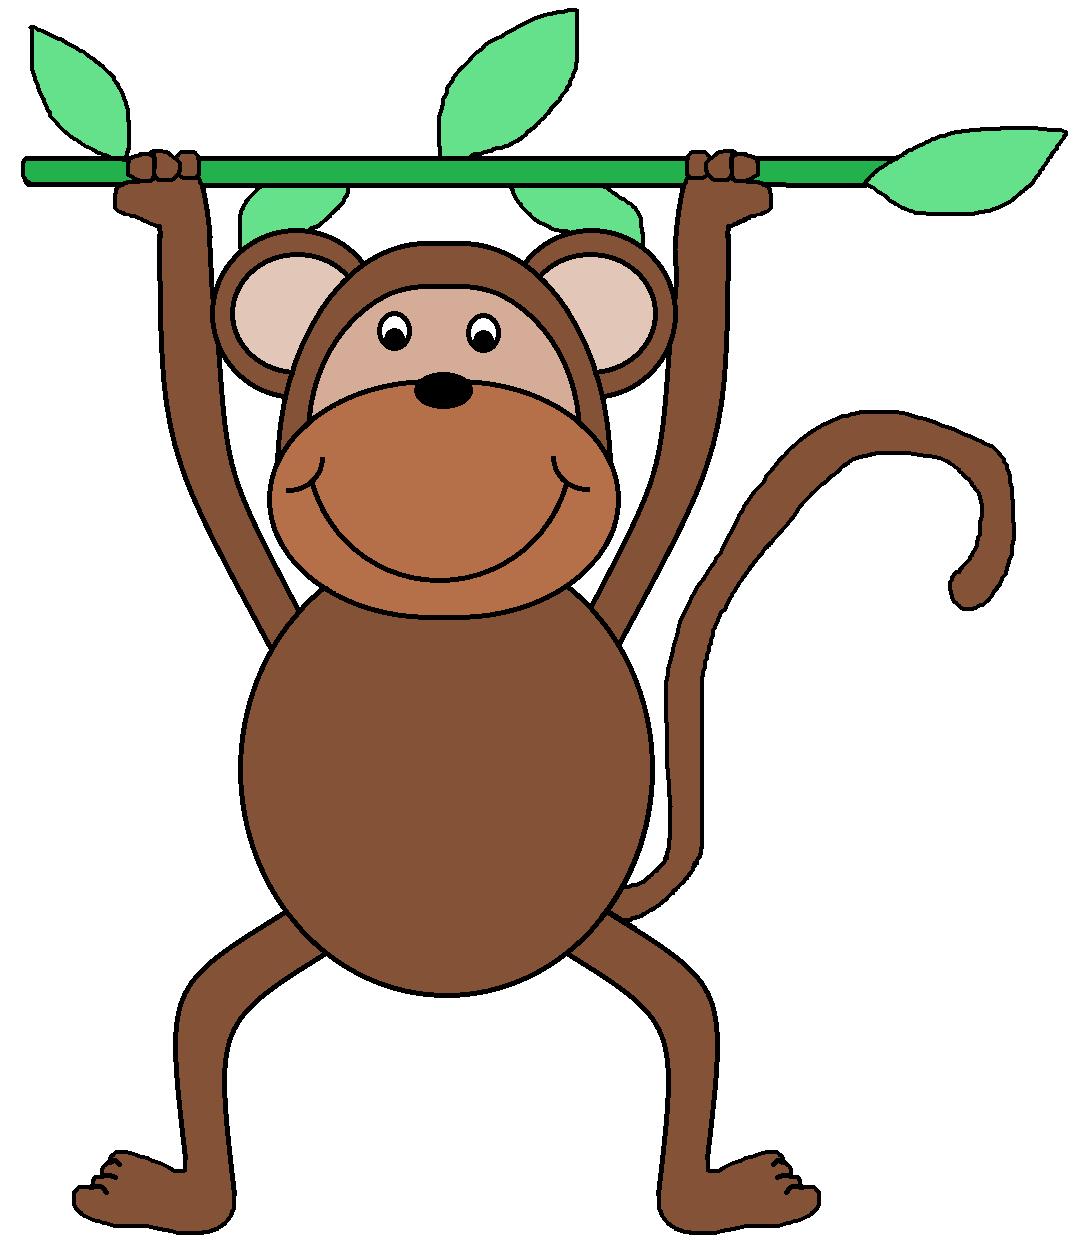 1081x1250 Monkey clip art images Clipart Panda